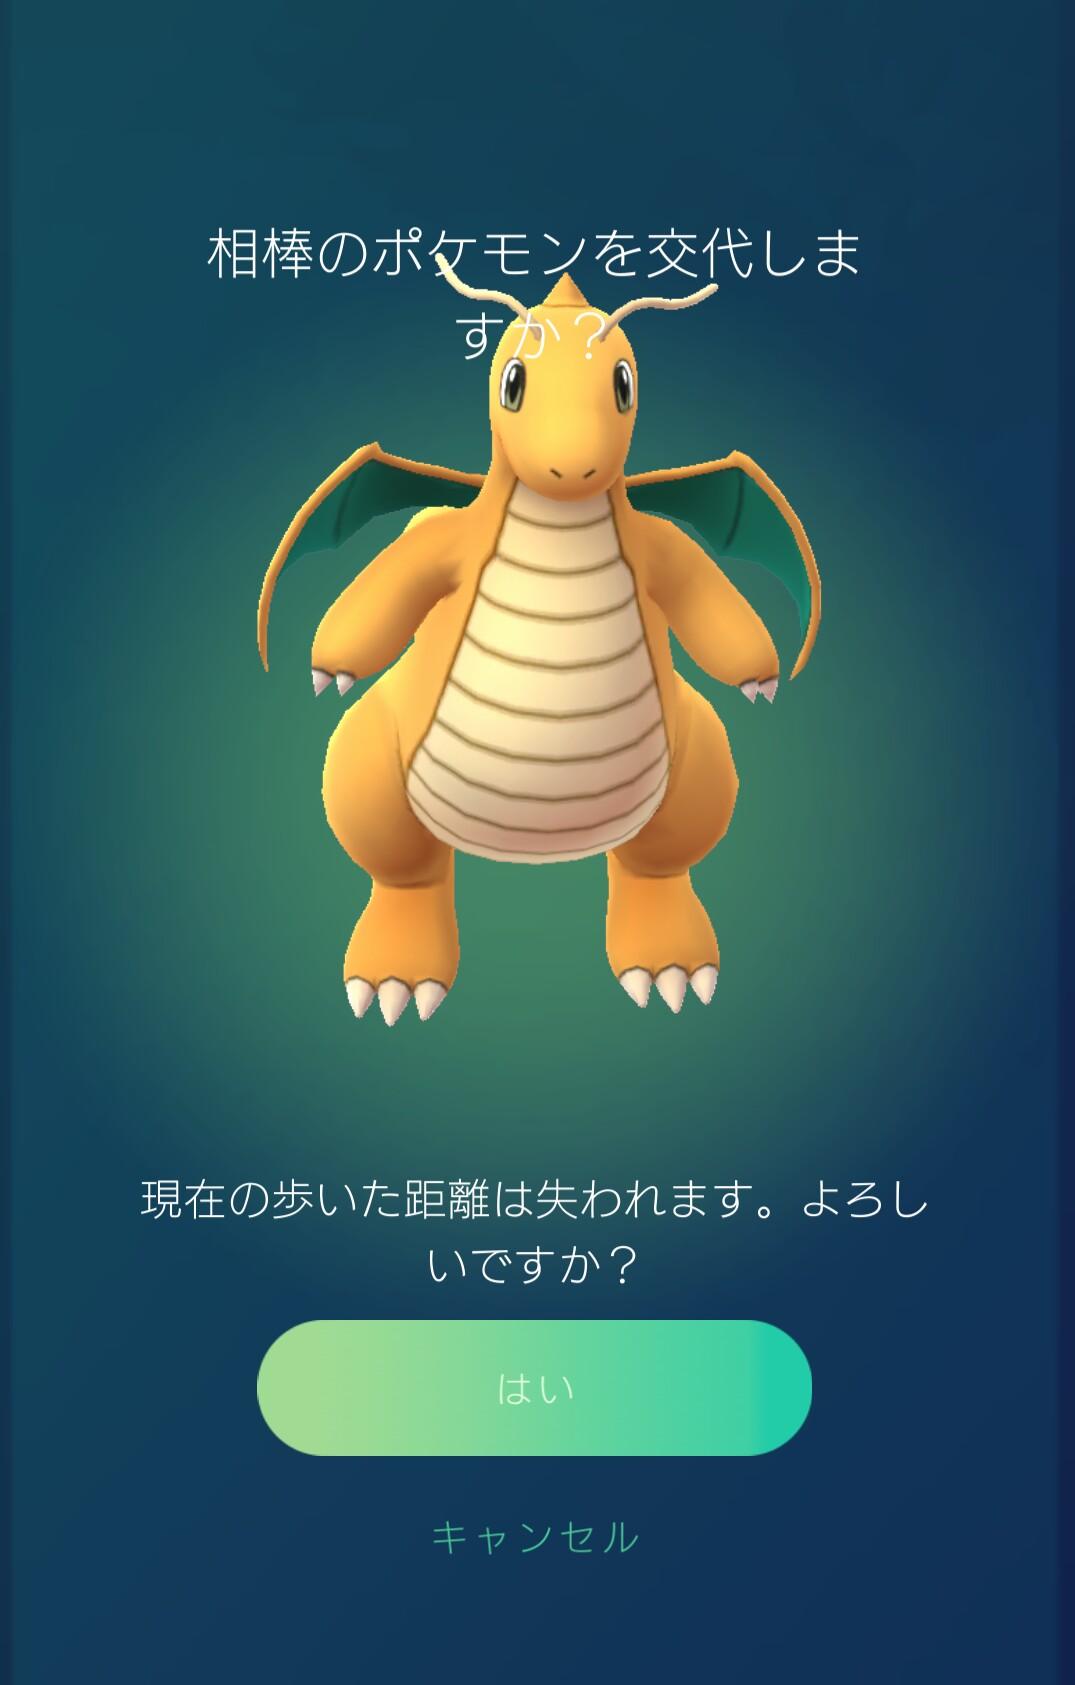 ポケモン go 相棒 設定